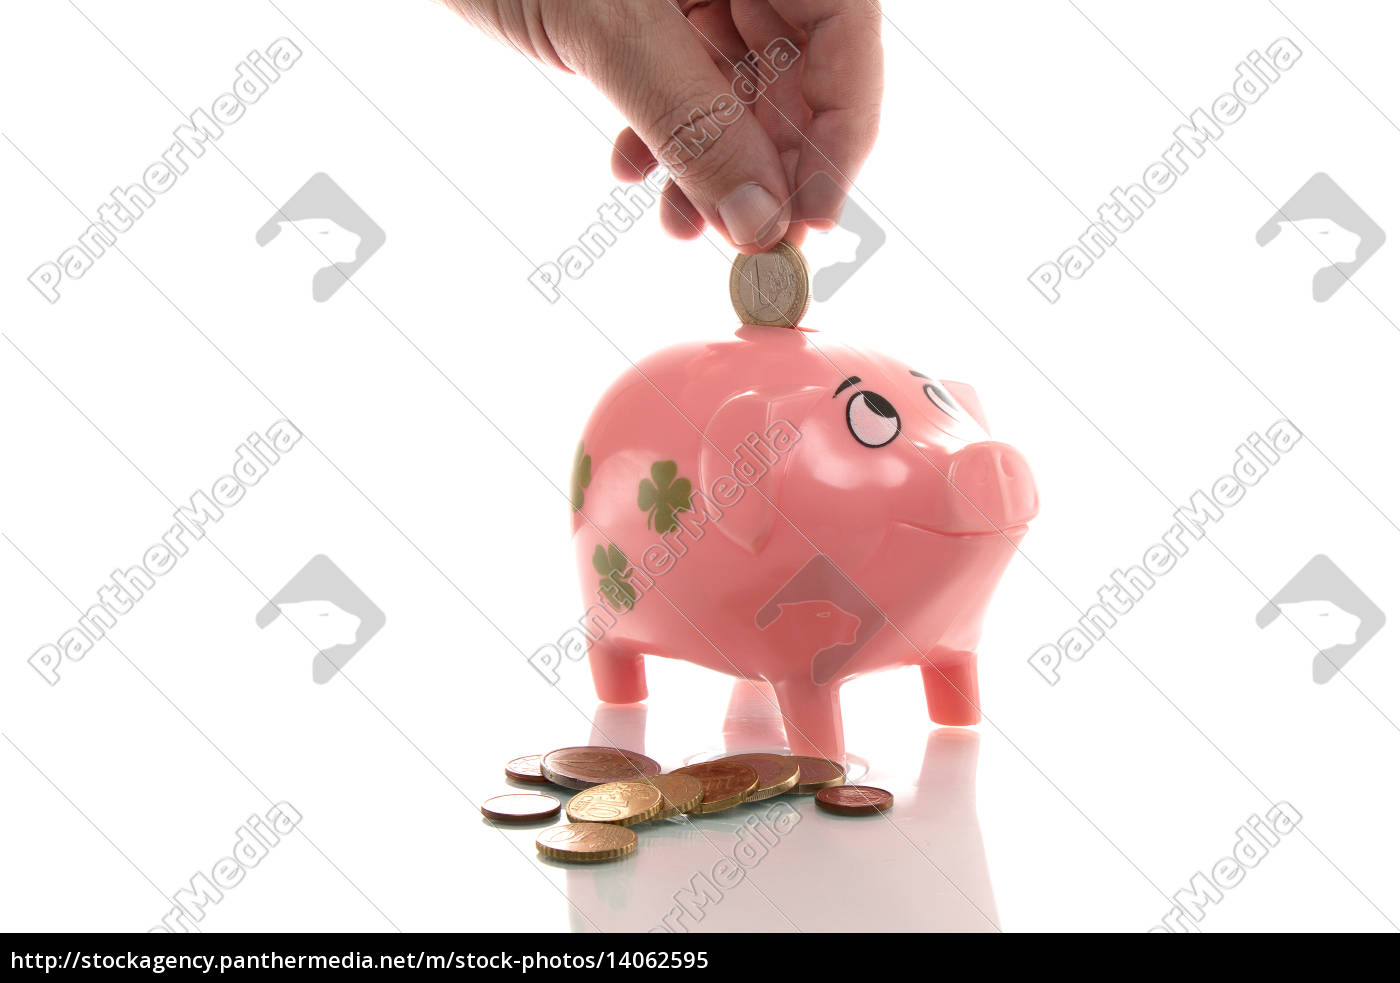 pink, piggy, bank, euros - 14062595